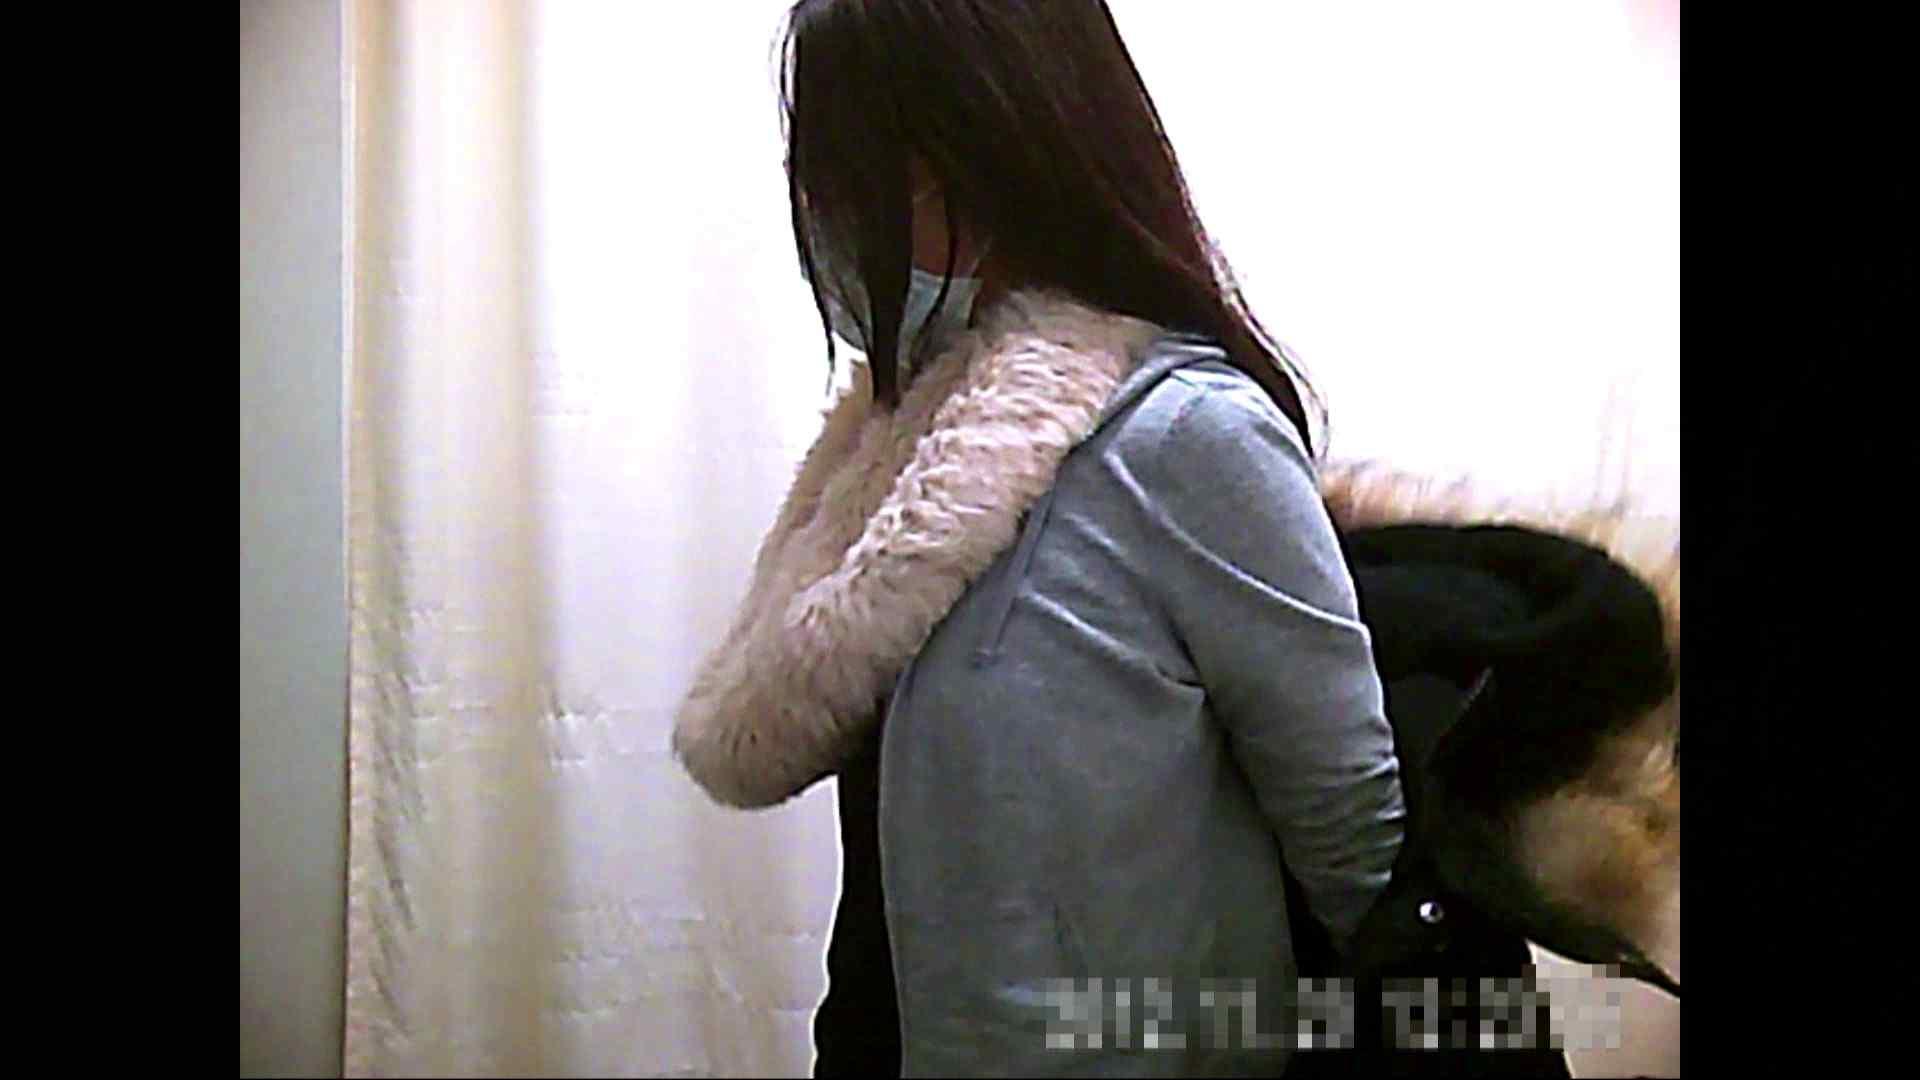 病院おもいっきり着替え! vol.155 貧乳 隠し撮りオマンコ動画紹介 88pic 83